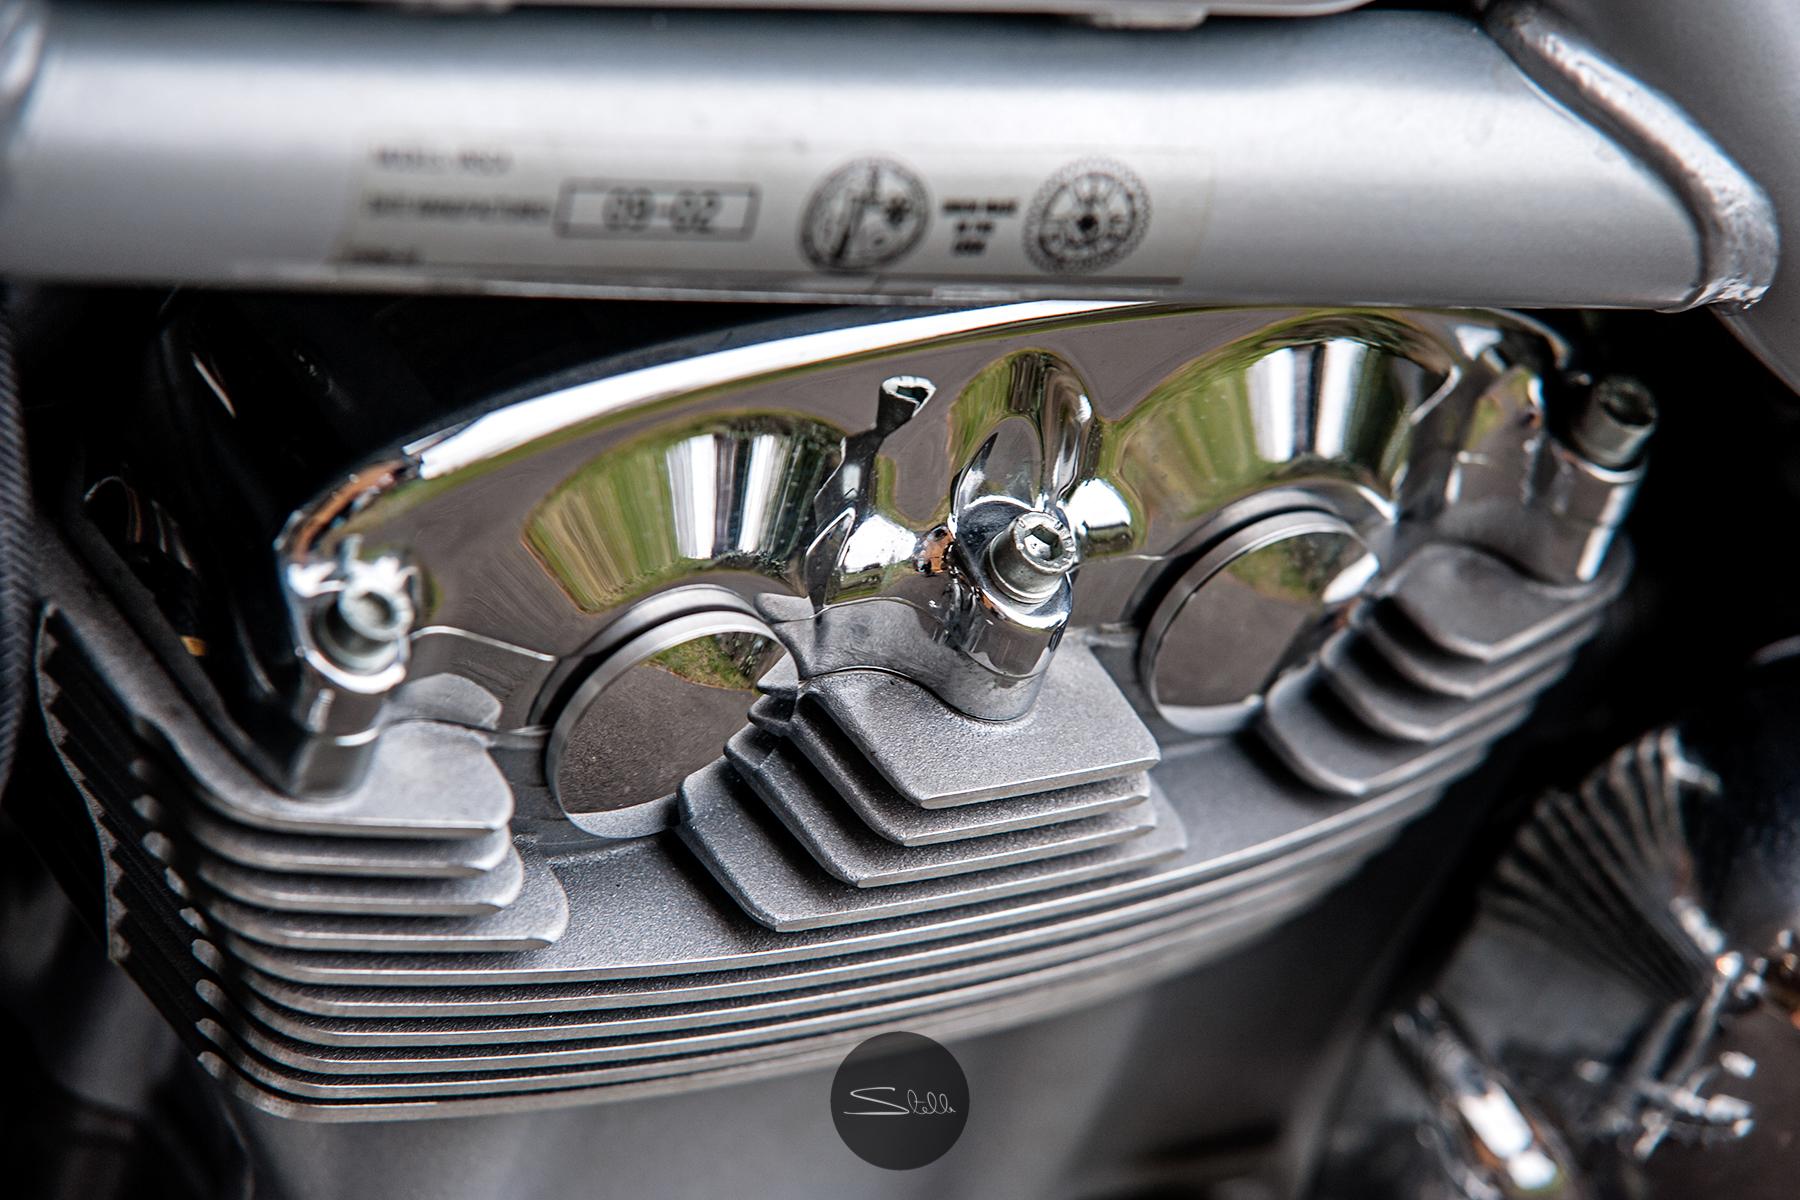 Stella Scordellis Harley Davidson V-Rod Engine Watermarked.jpg